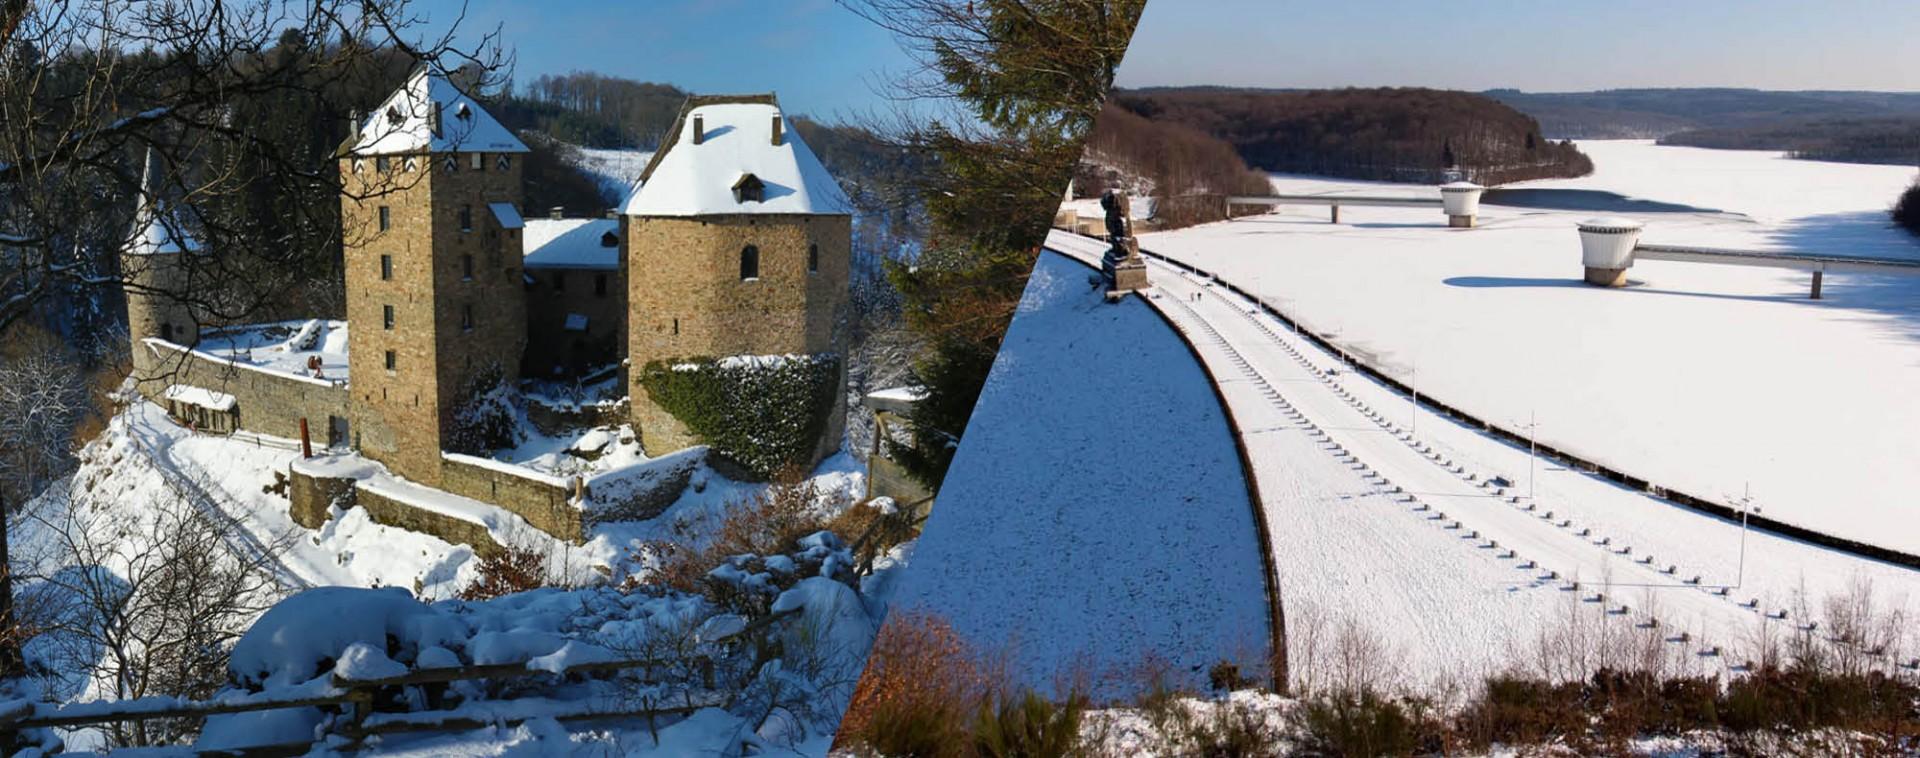 Notre destination province de Liège - hiver | © FTPL-Patrice Fagnoul - Administration communale de Baelen